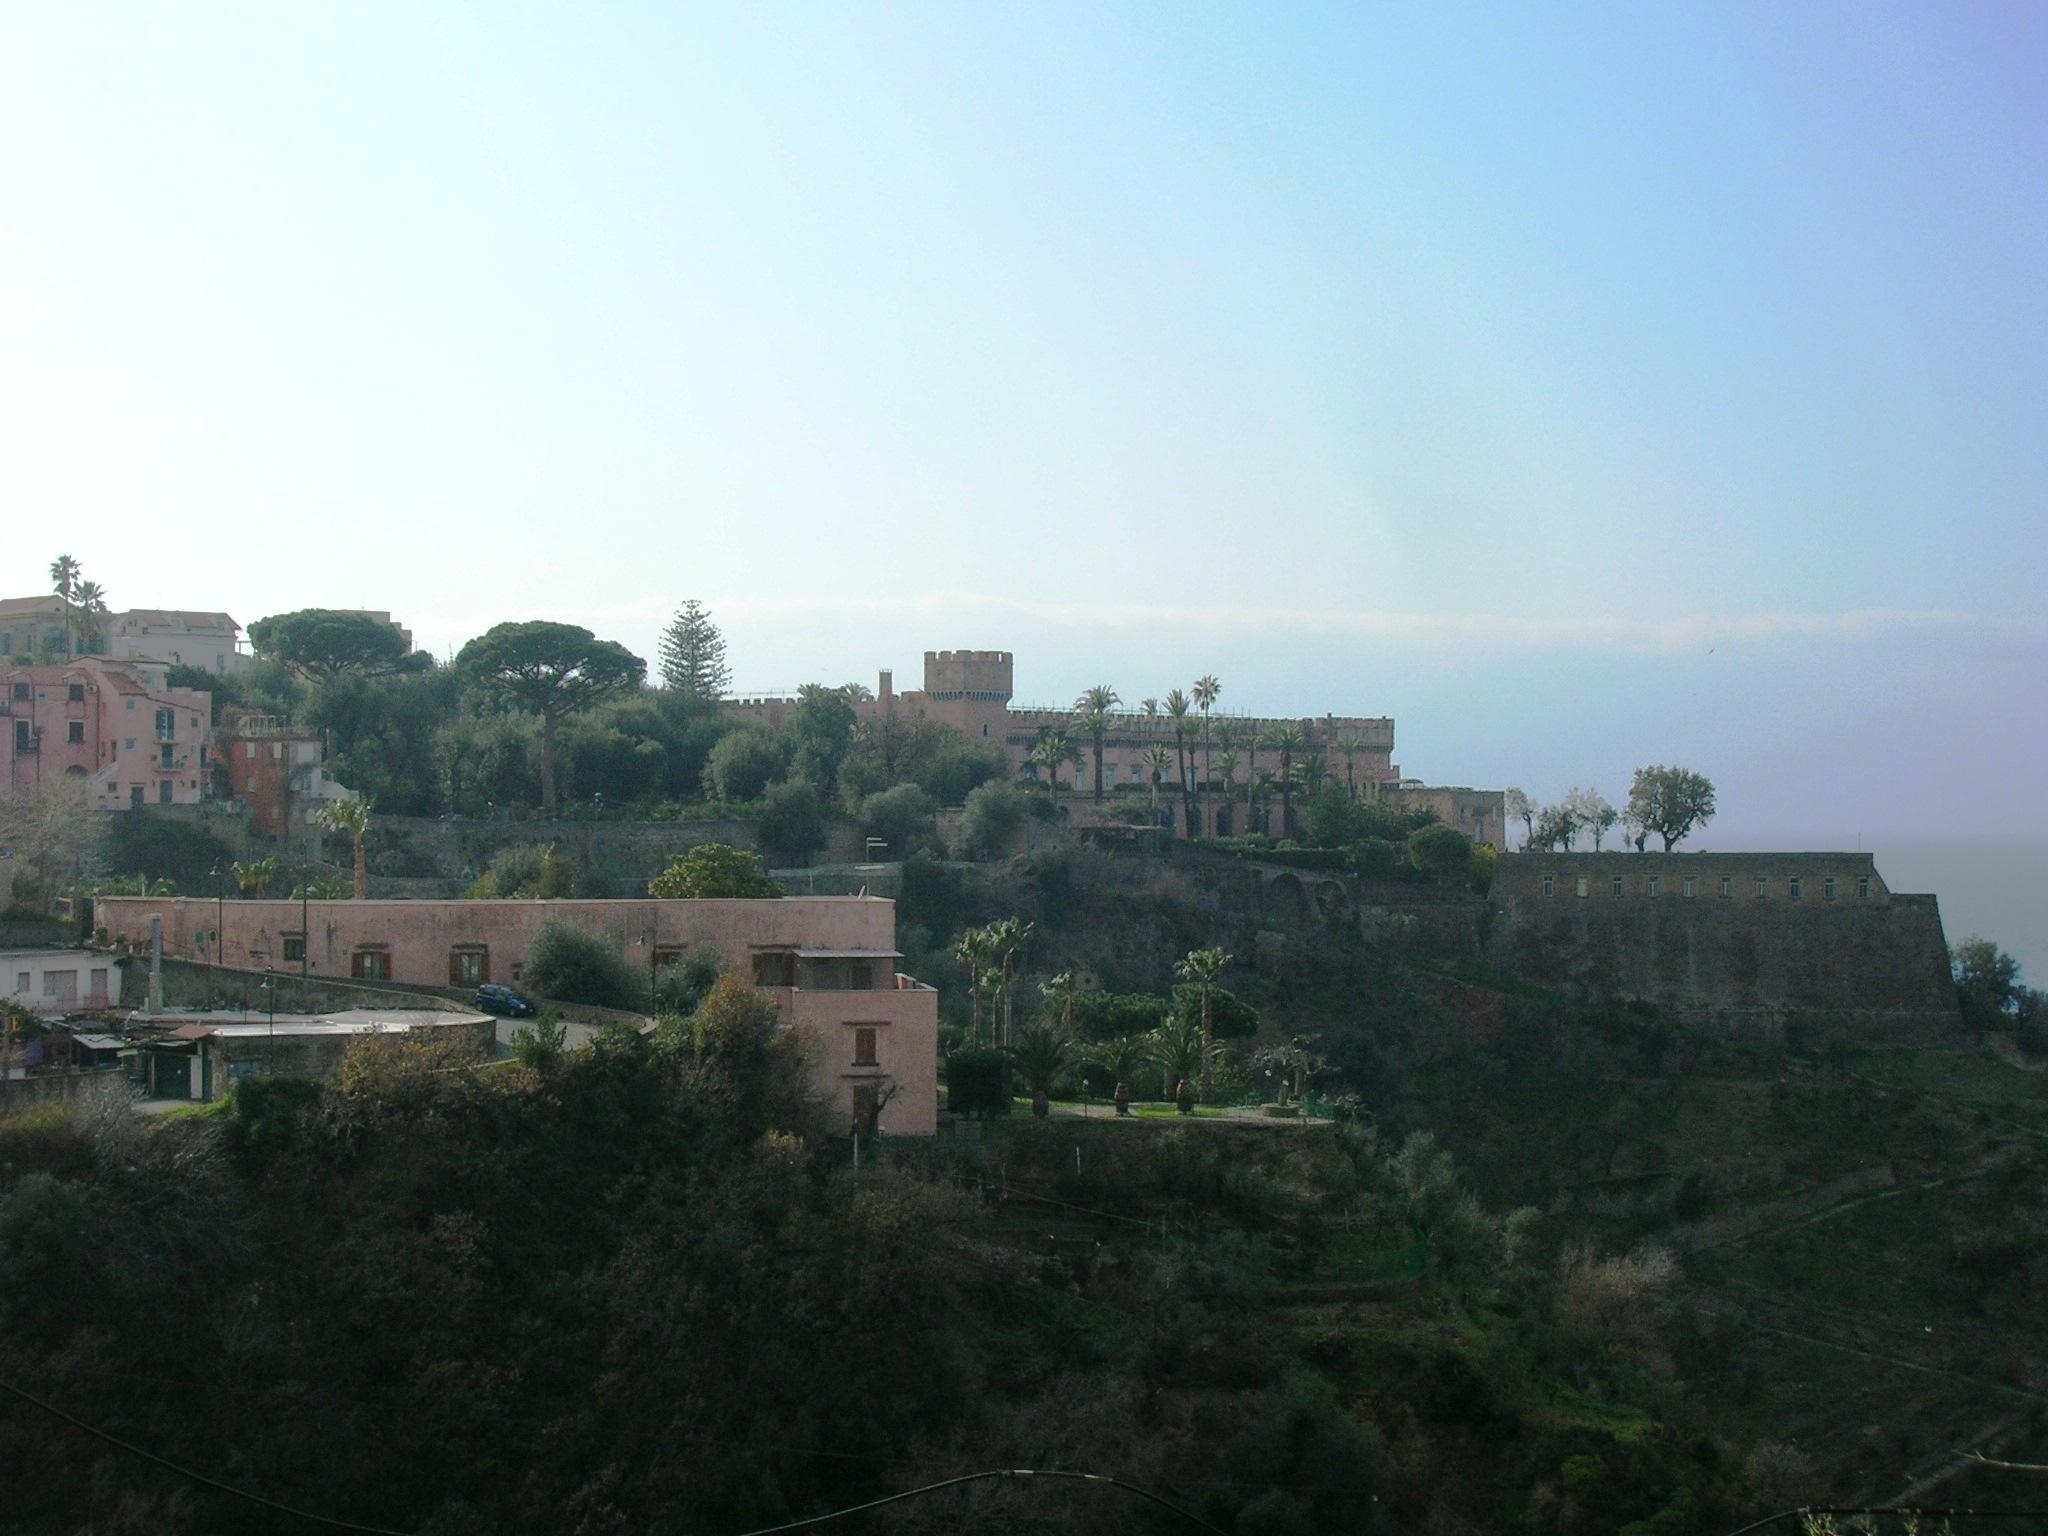 https://upload.wikimedia.org/wikipedia/commons/d/d0/Castello_Giusso_1.JPG